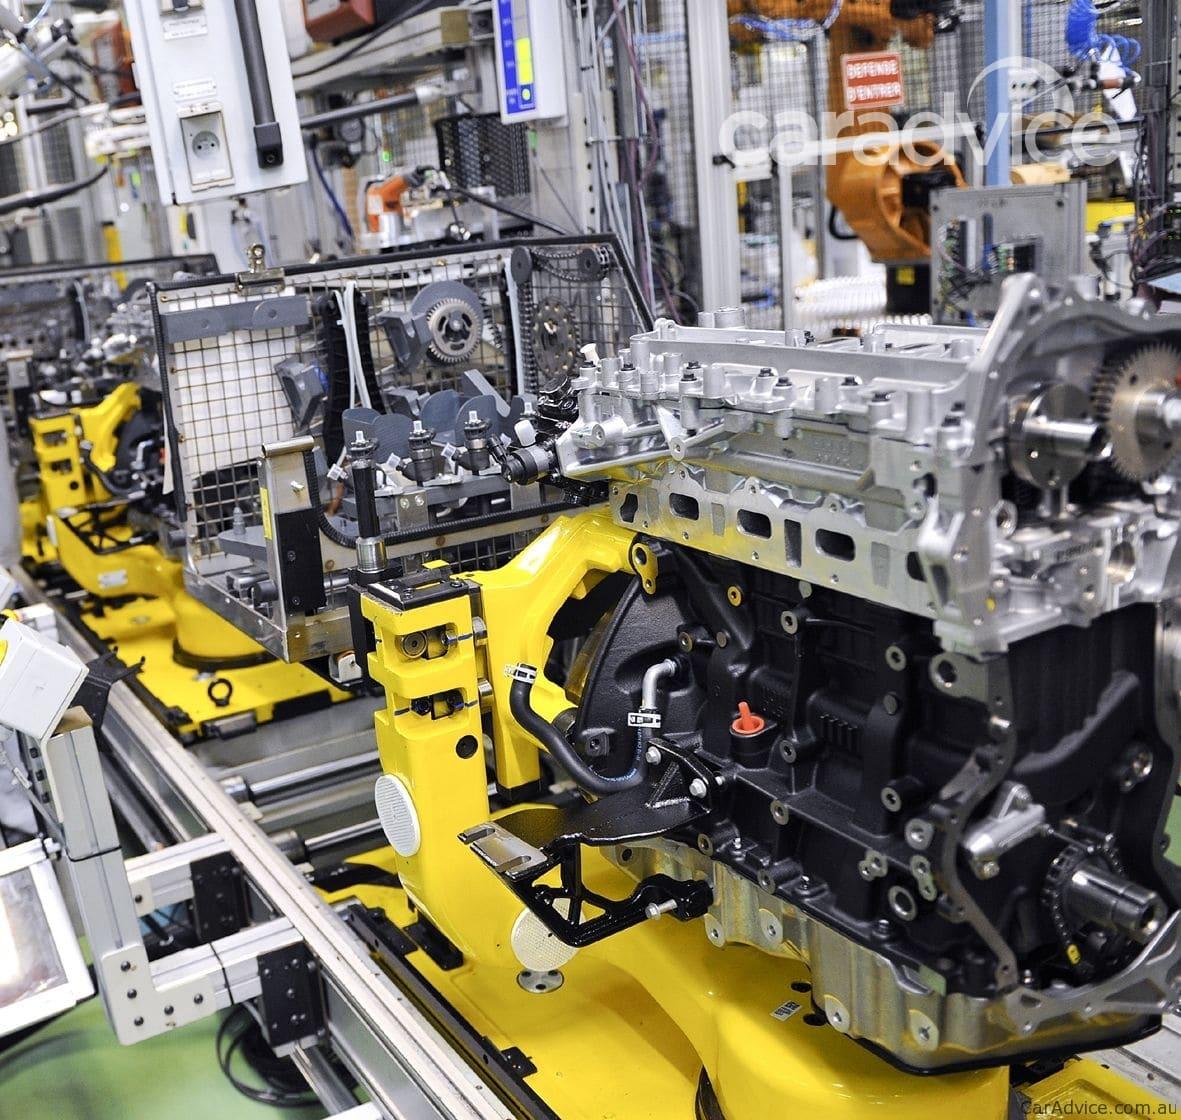 Renault's New 'Energy DCi 130' Diesel Engine